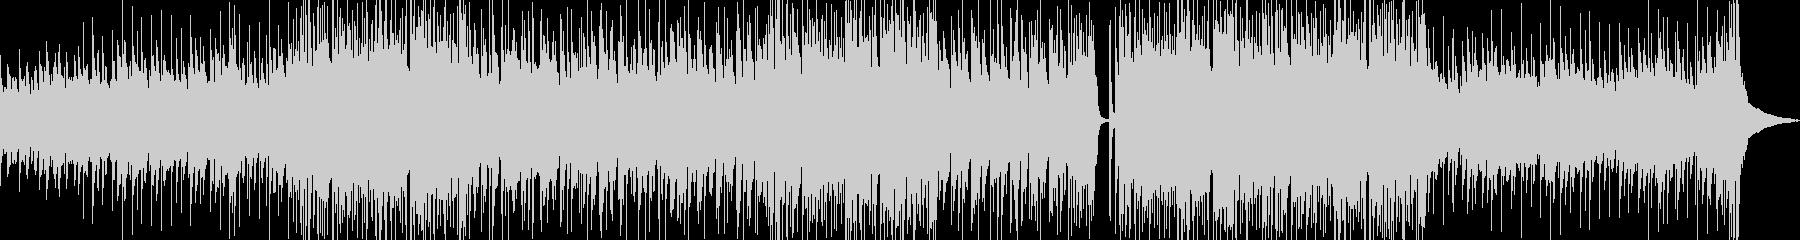 ピアノが印象的なバンドサウンドの未再生の波形